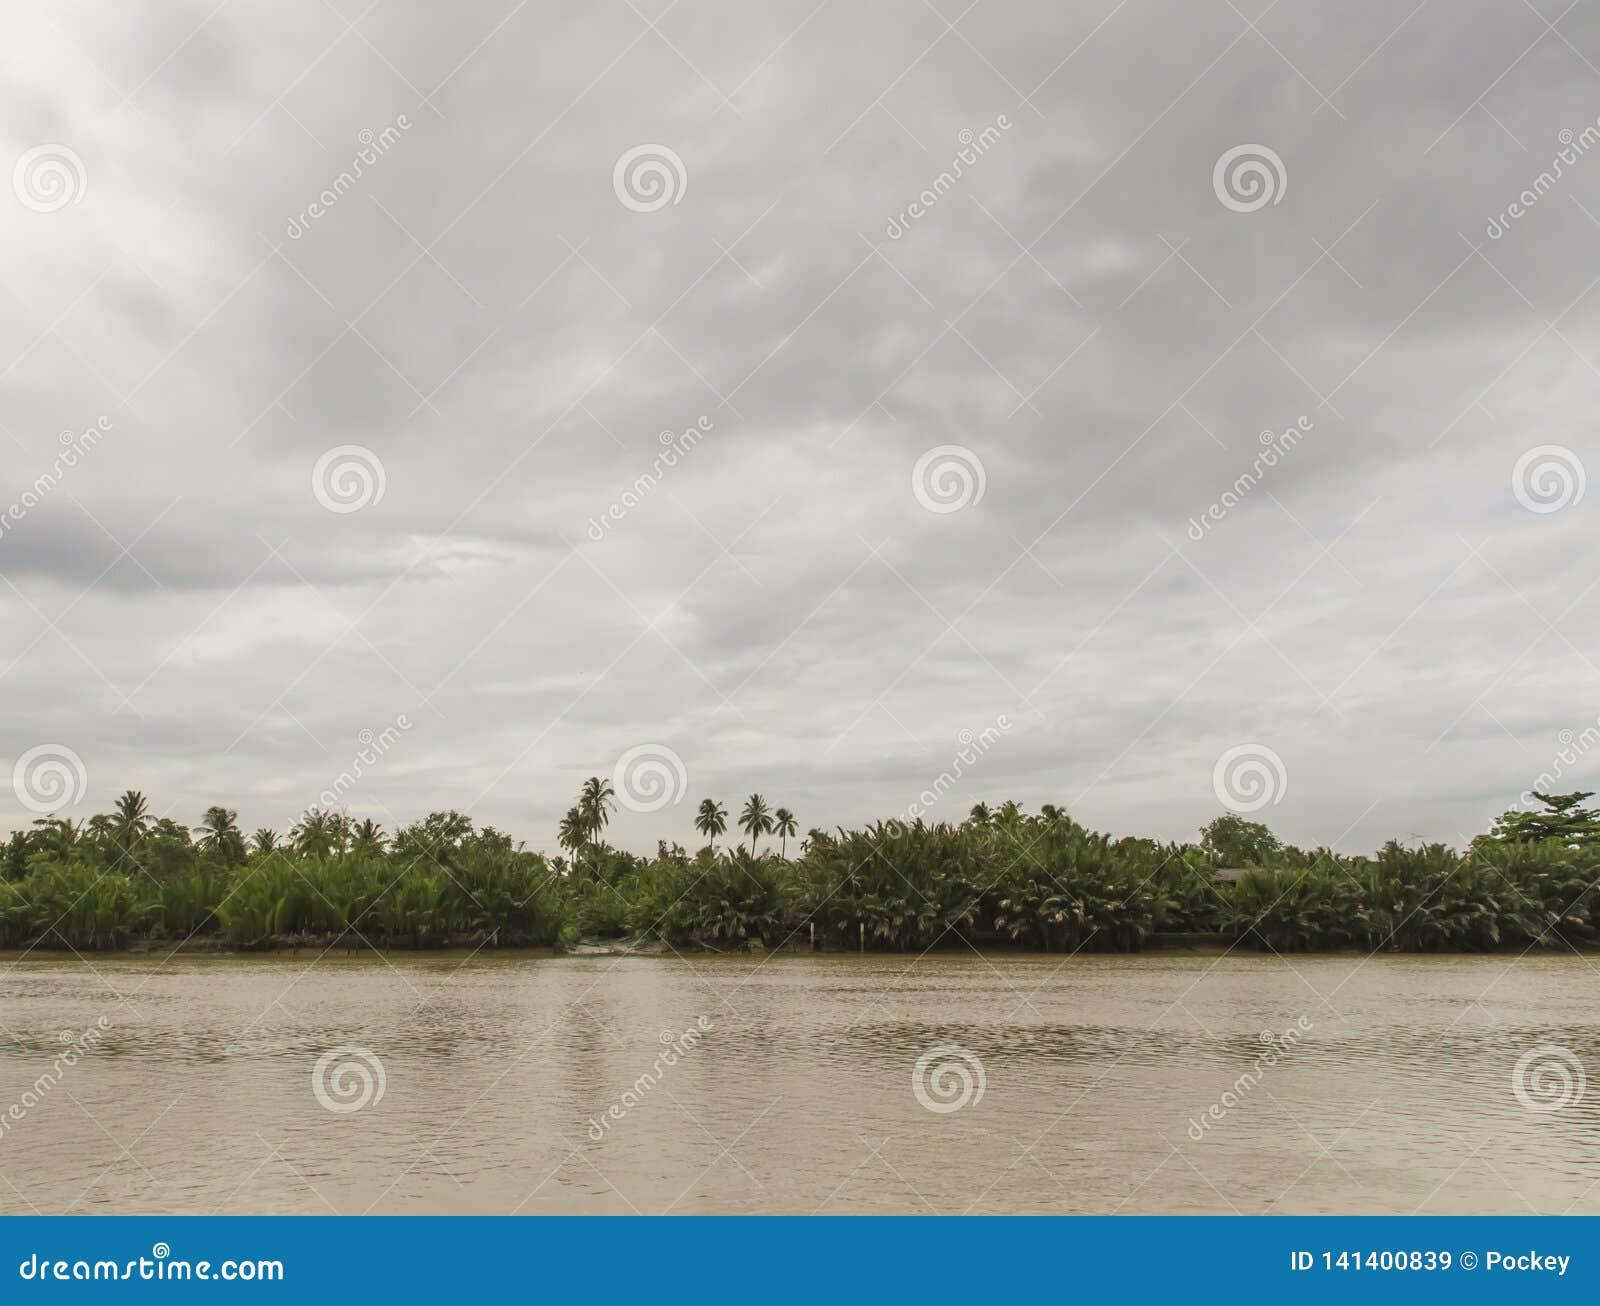 Συννεφιασμένος με μια σκηνή ποταμών